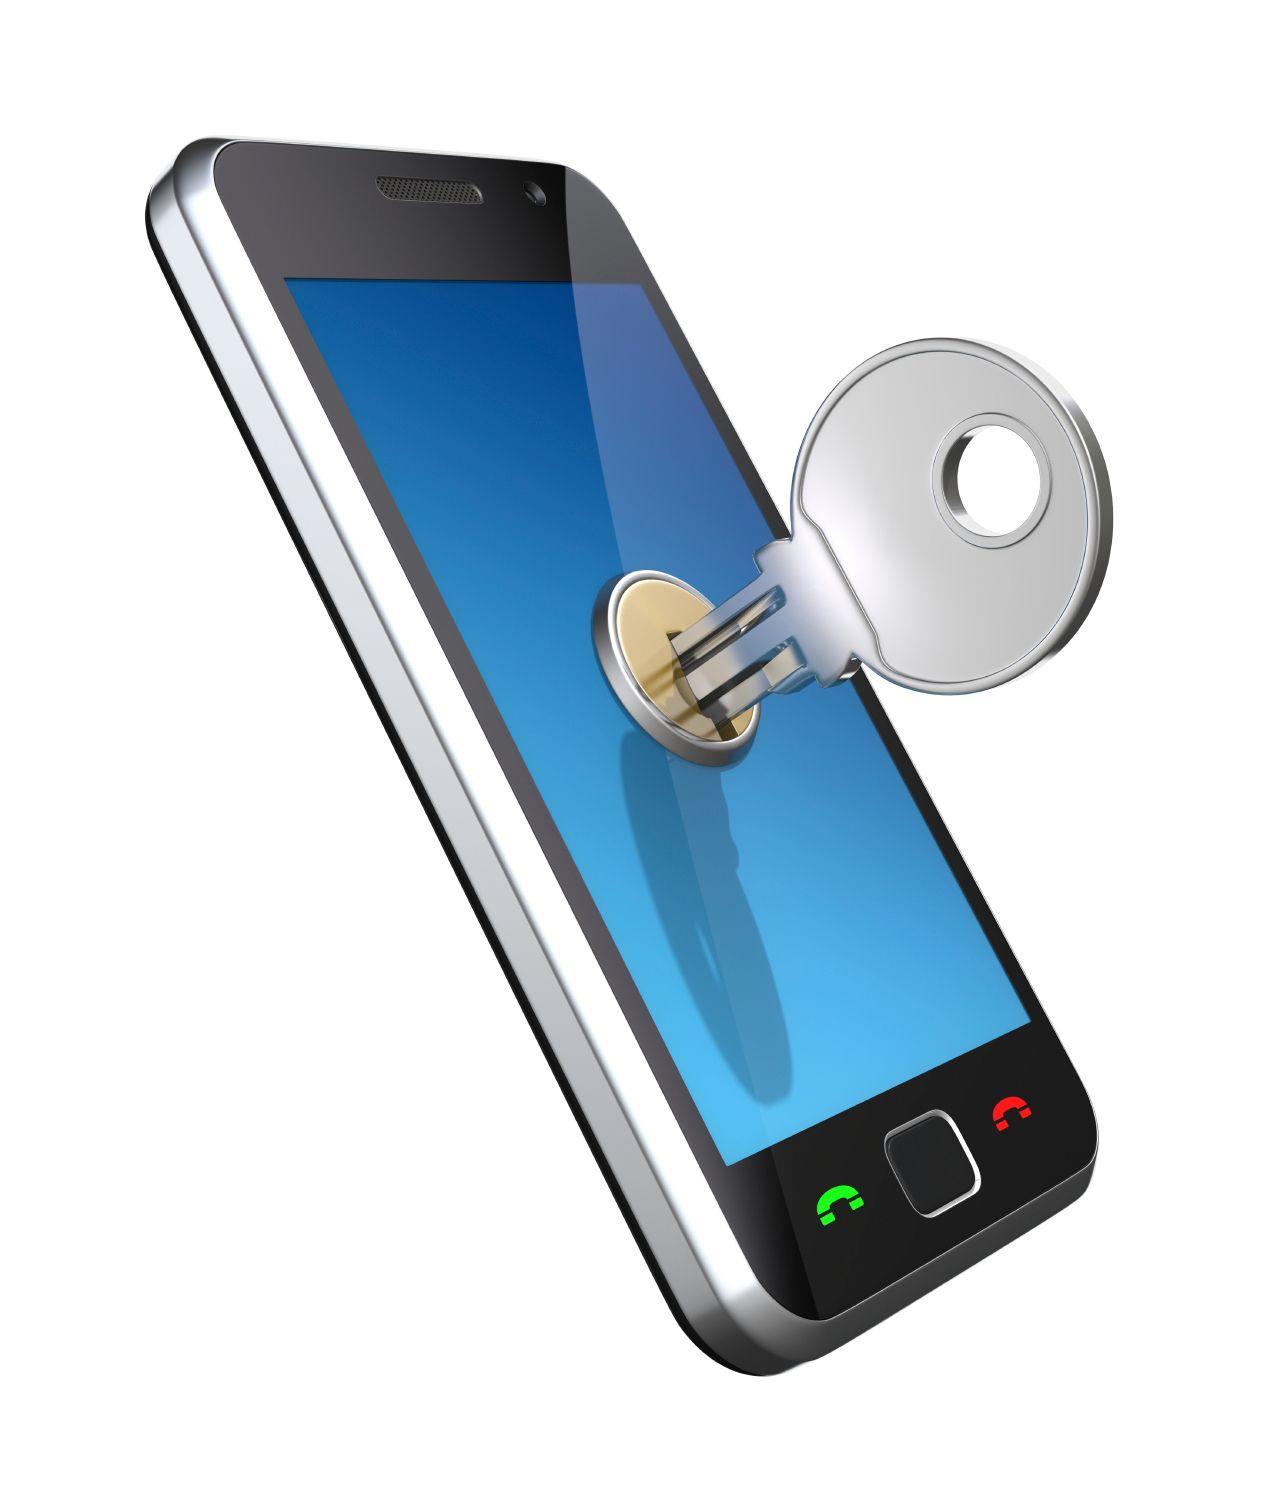 bruke telefonen til telefon og bredbånd